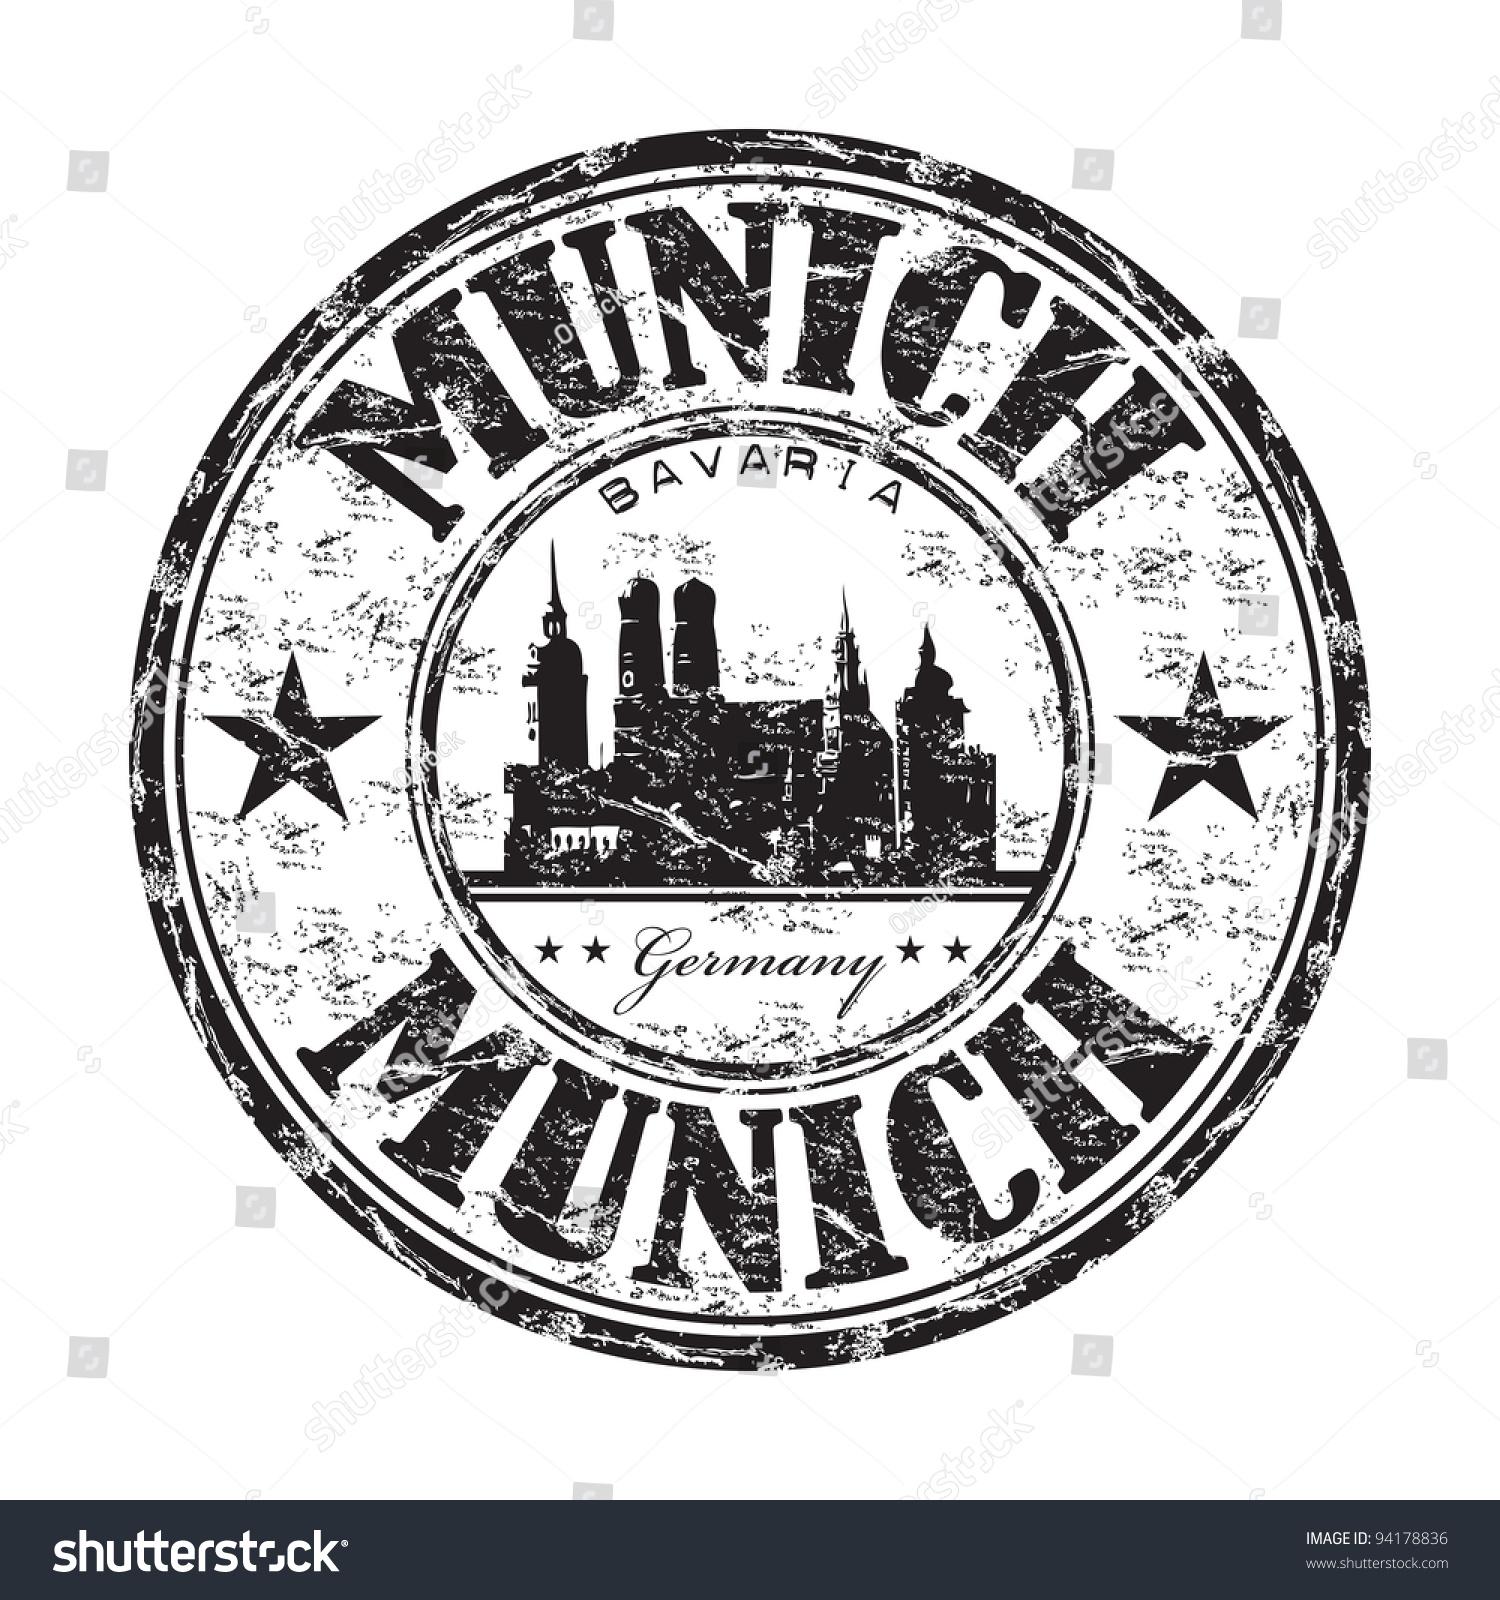 黑色难看的东西橡皮图章的名称从德国慕尼黑巴伐利亚的首都